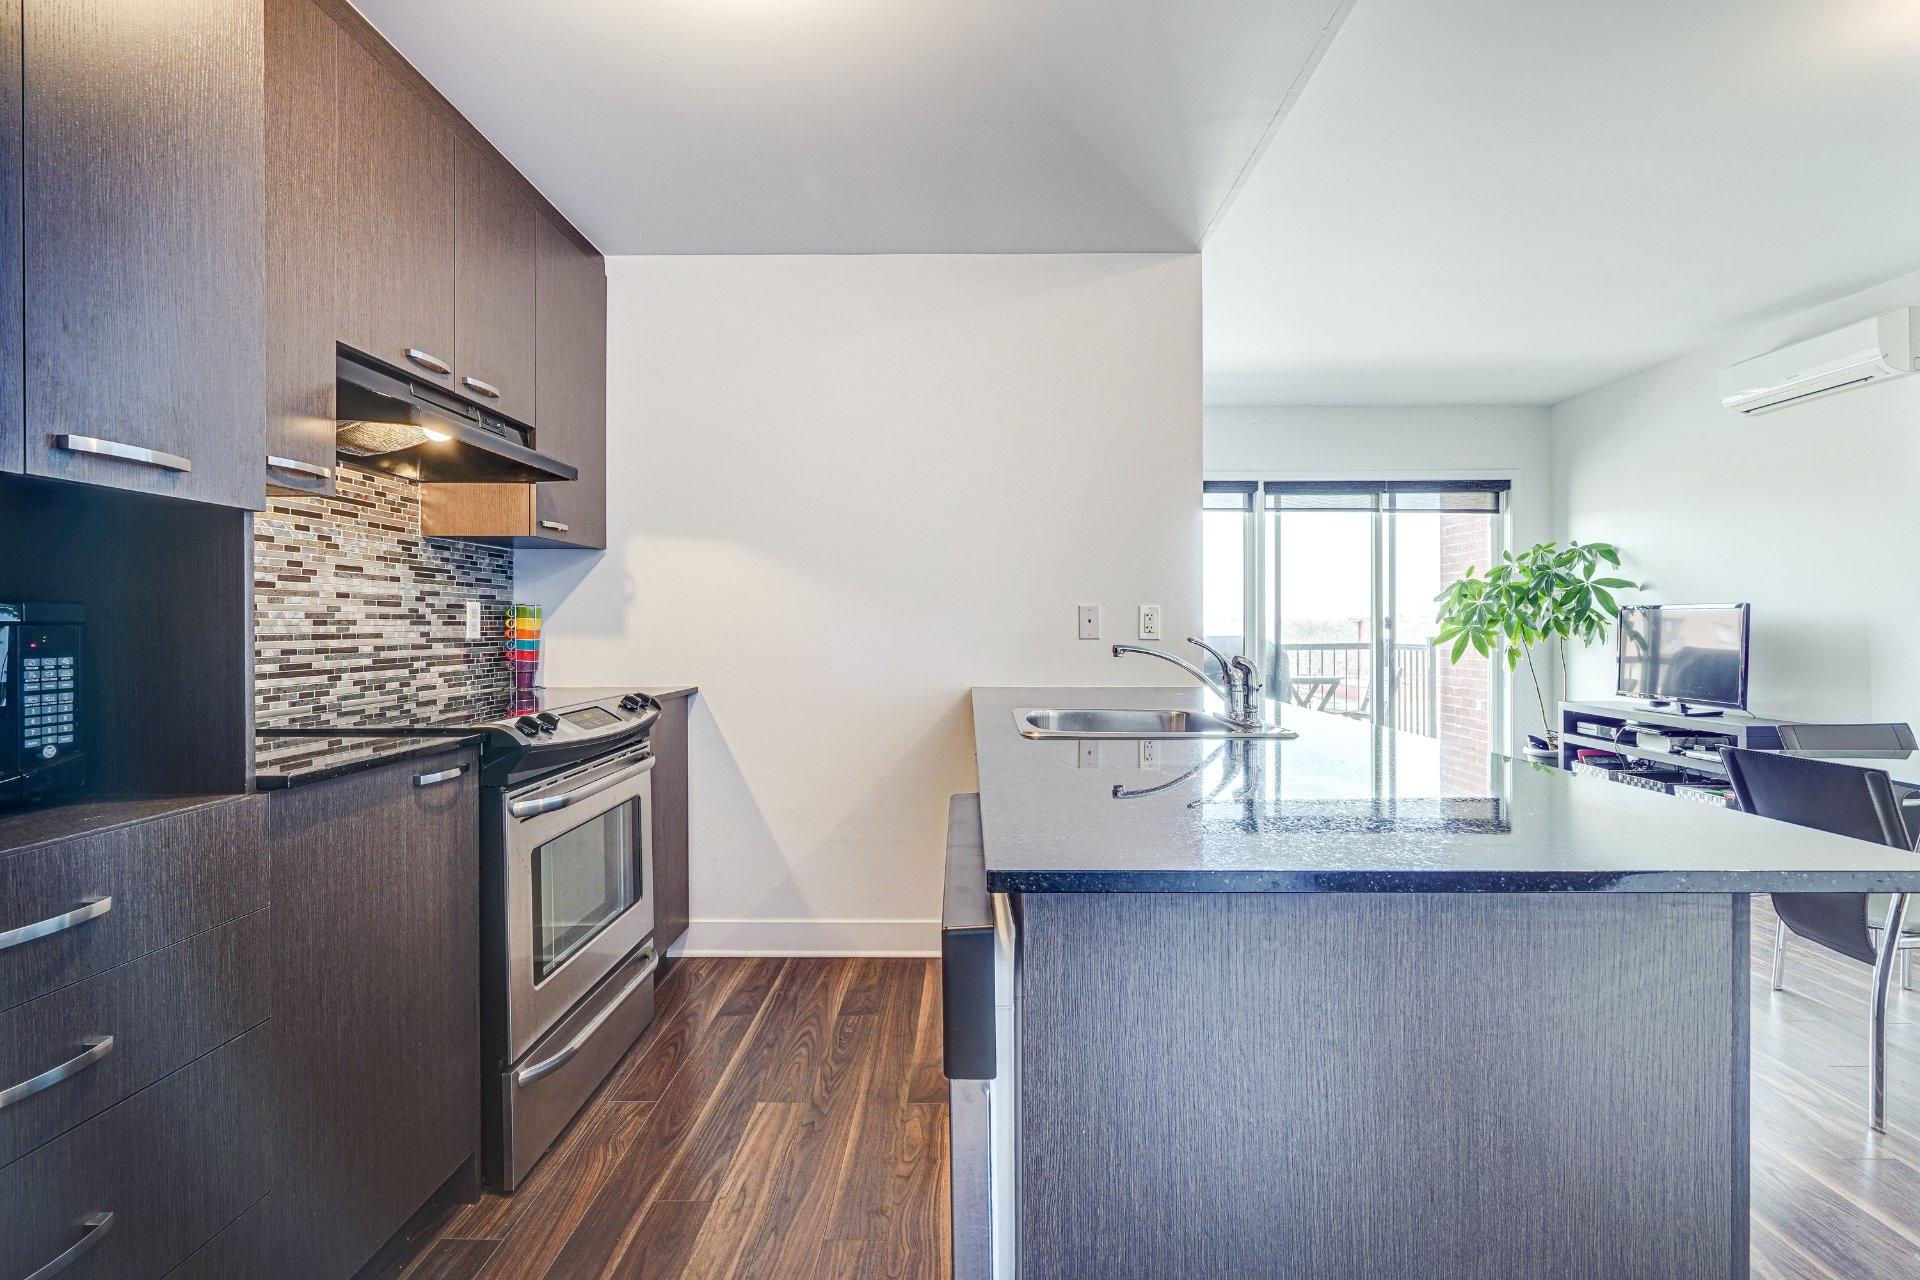 image 10 - Appartement À vendre Saint-Laurent Montréal  - 7 pièces